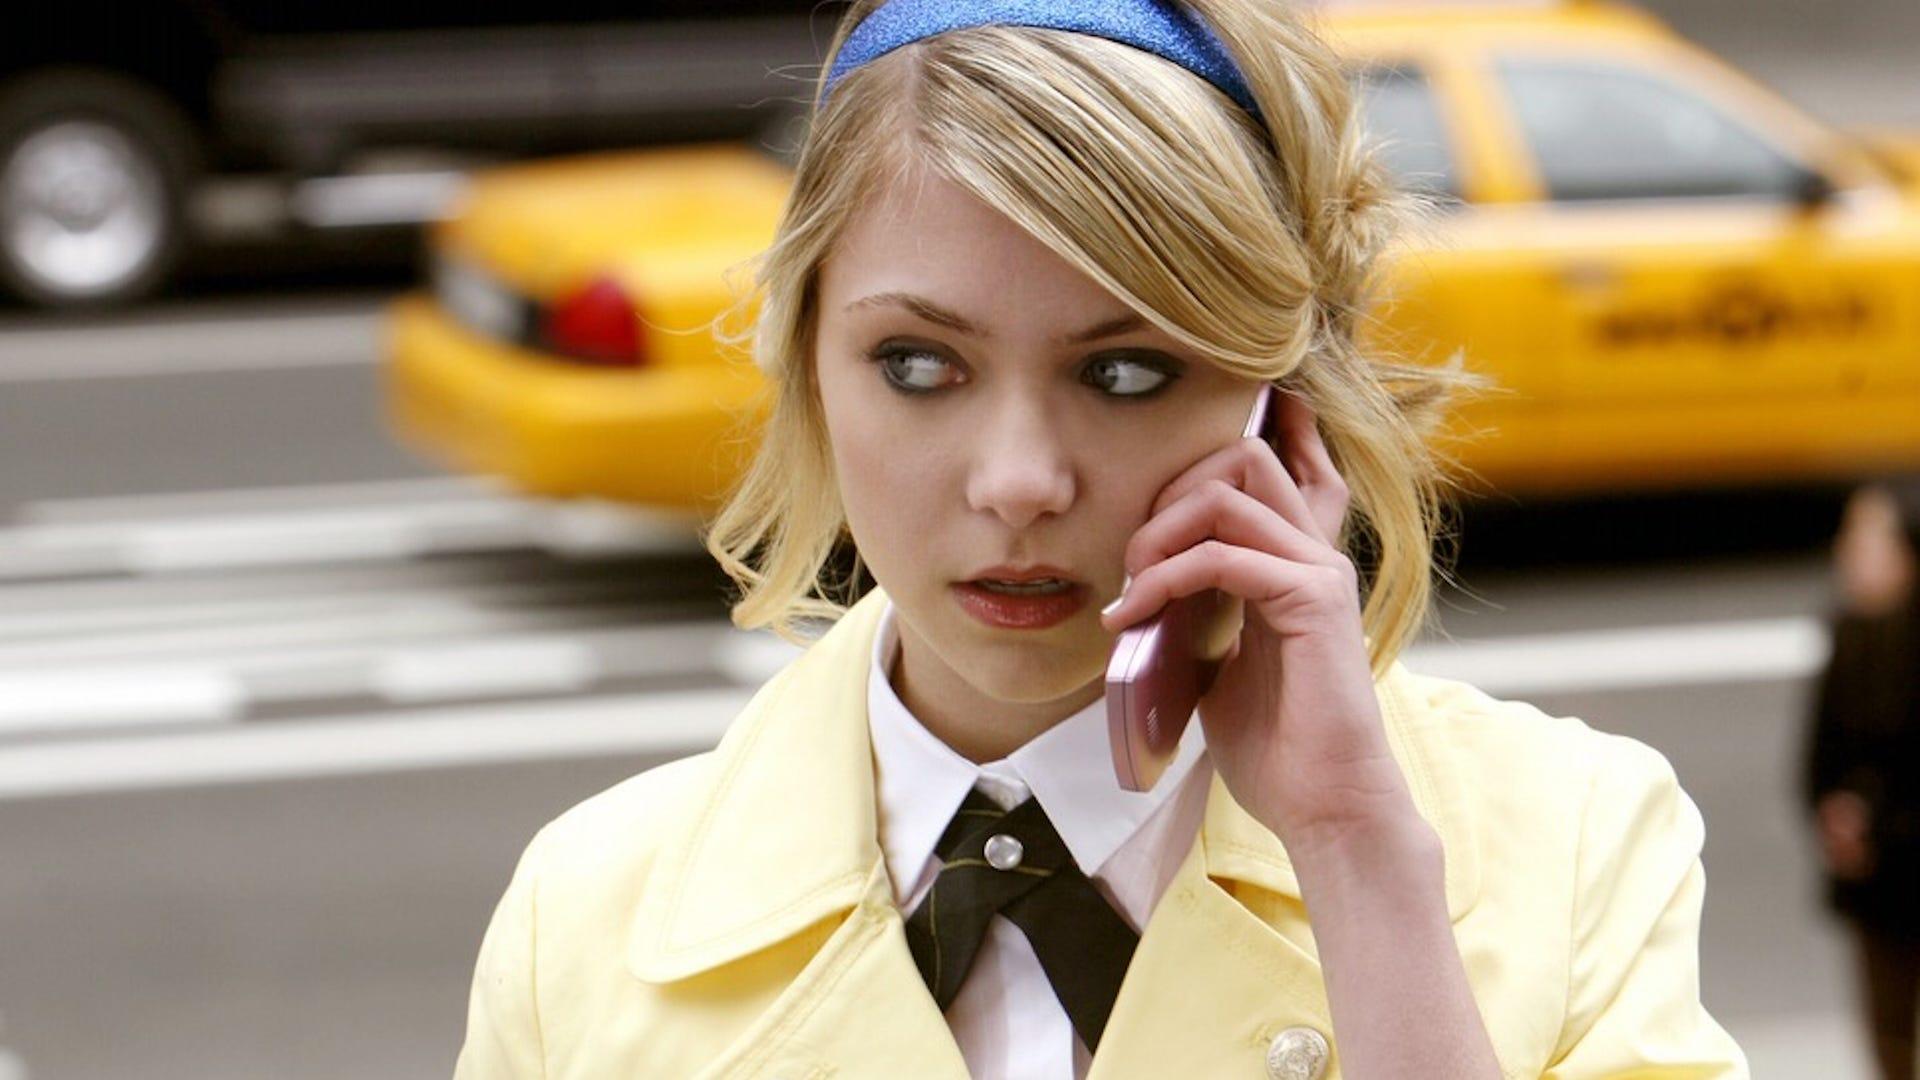 gossip-girl-taylor-momsen.jpg